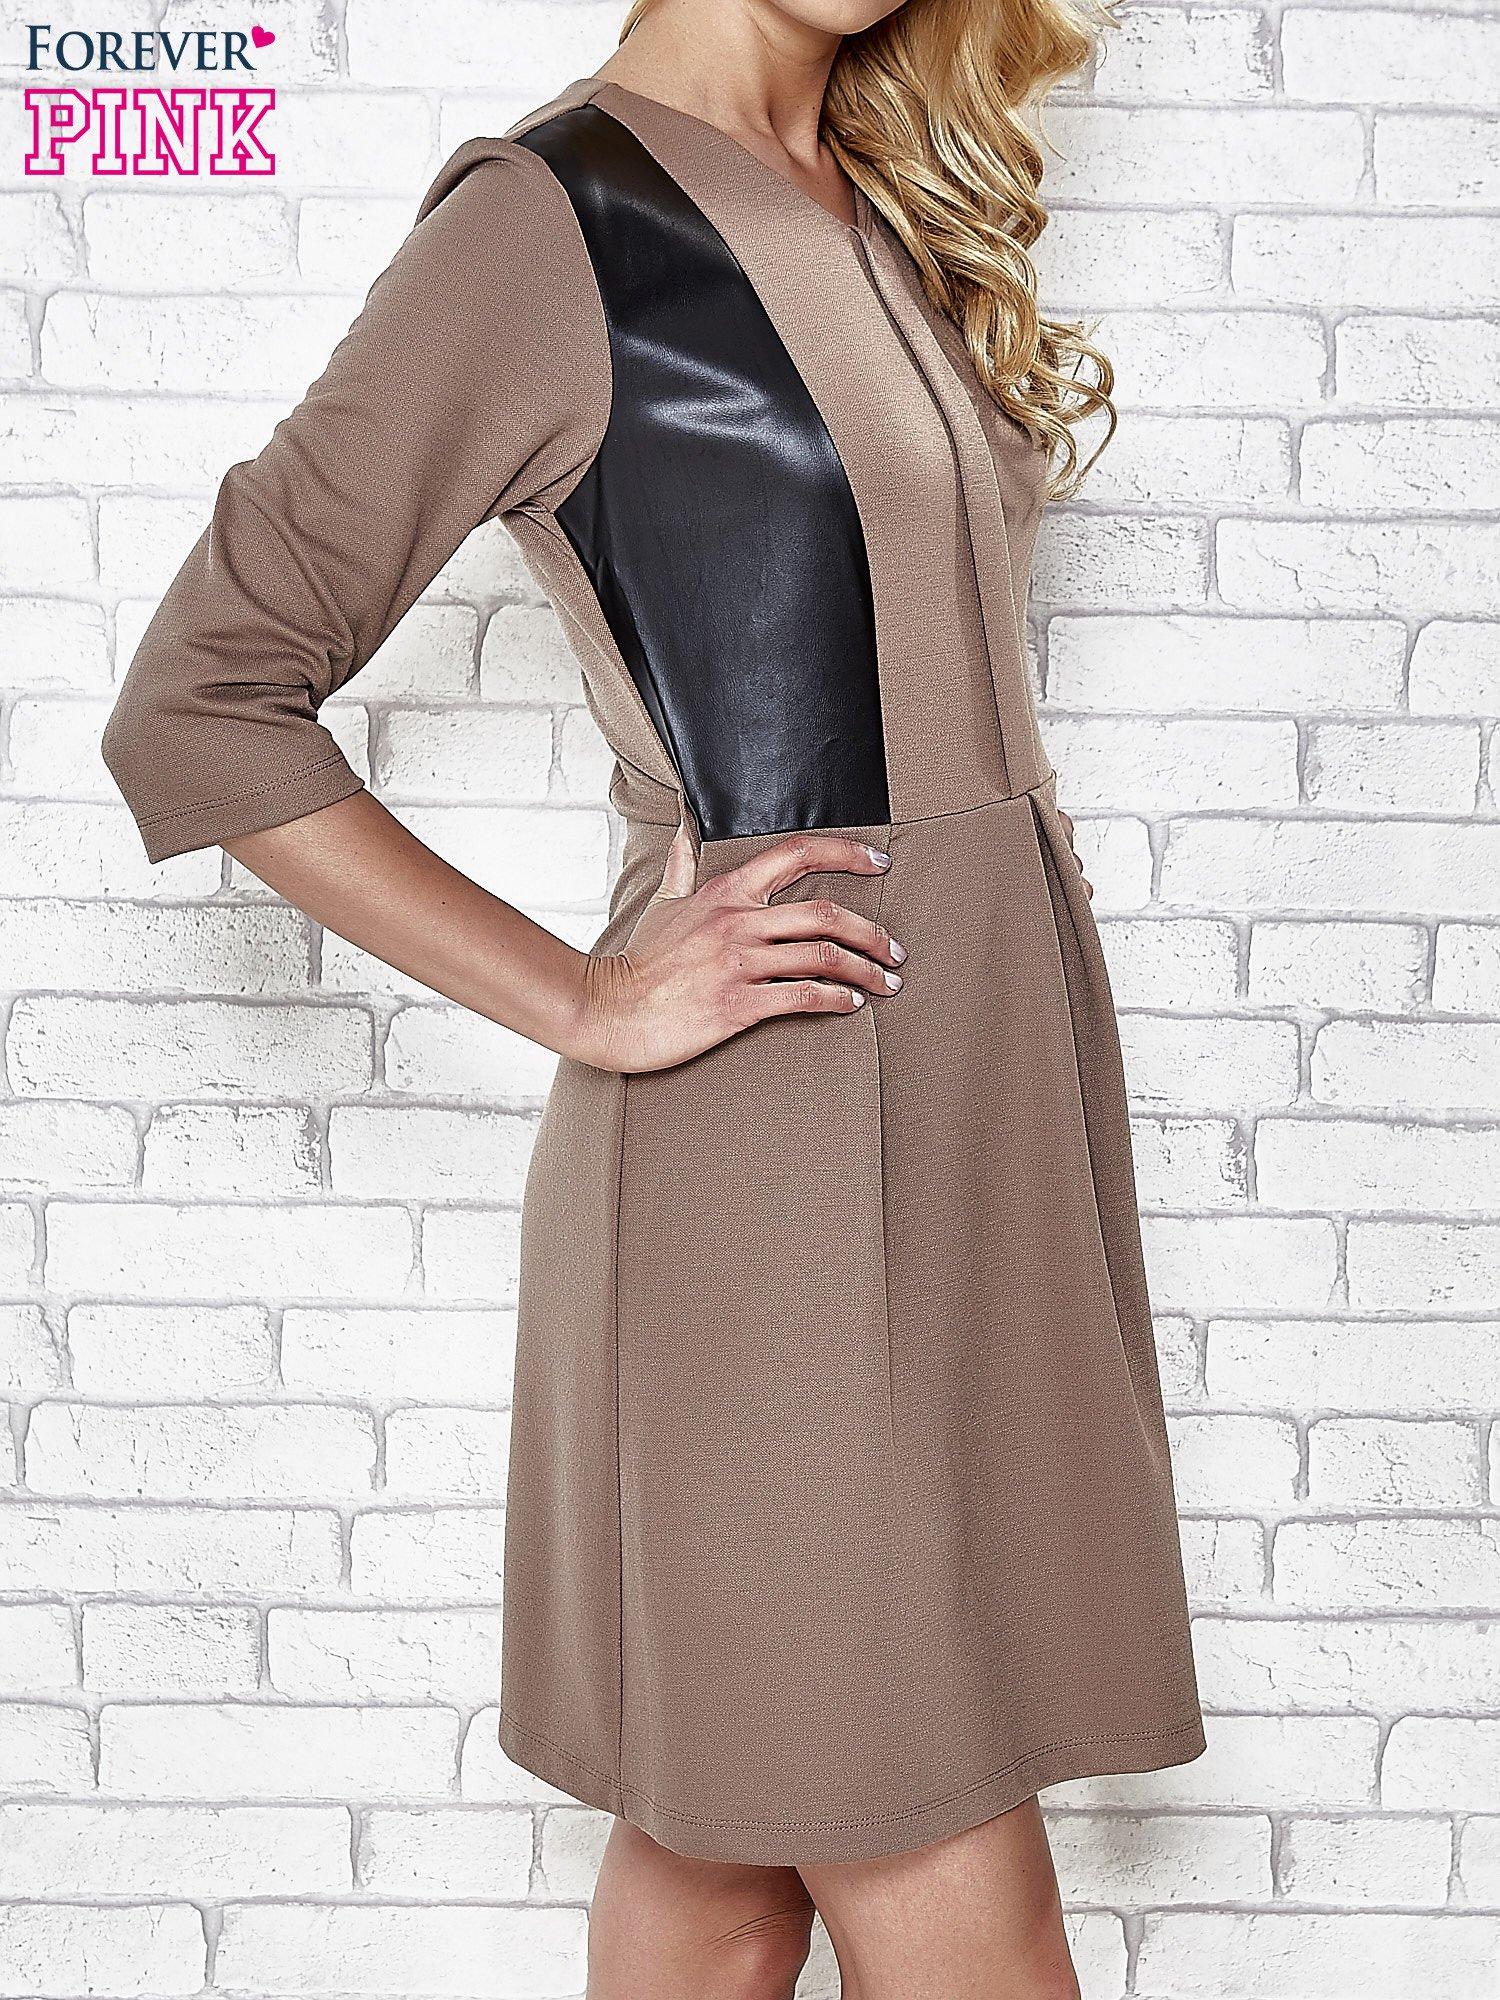 Brązowa rozkloszowana sukienka ze skórzanymi modułami                                  zdj.                                  3